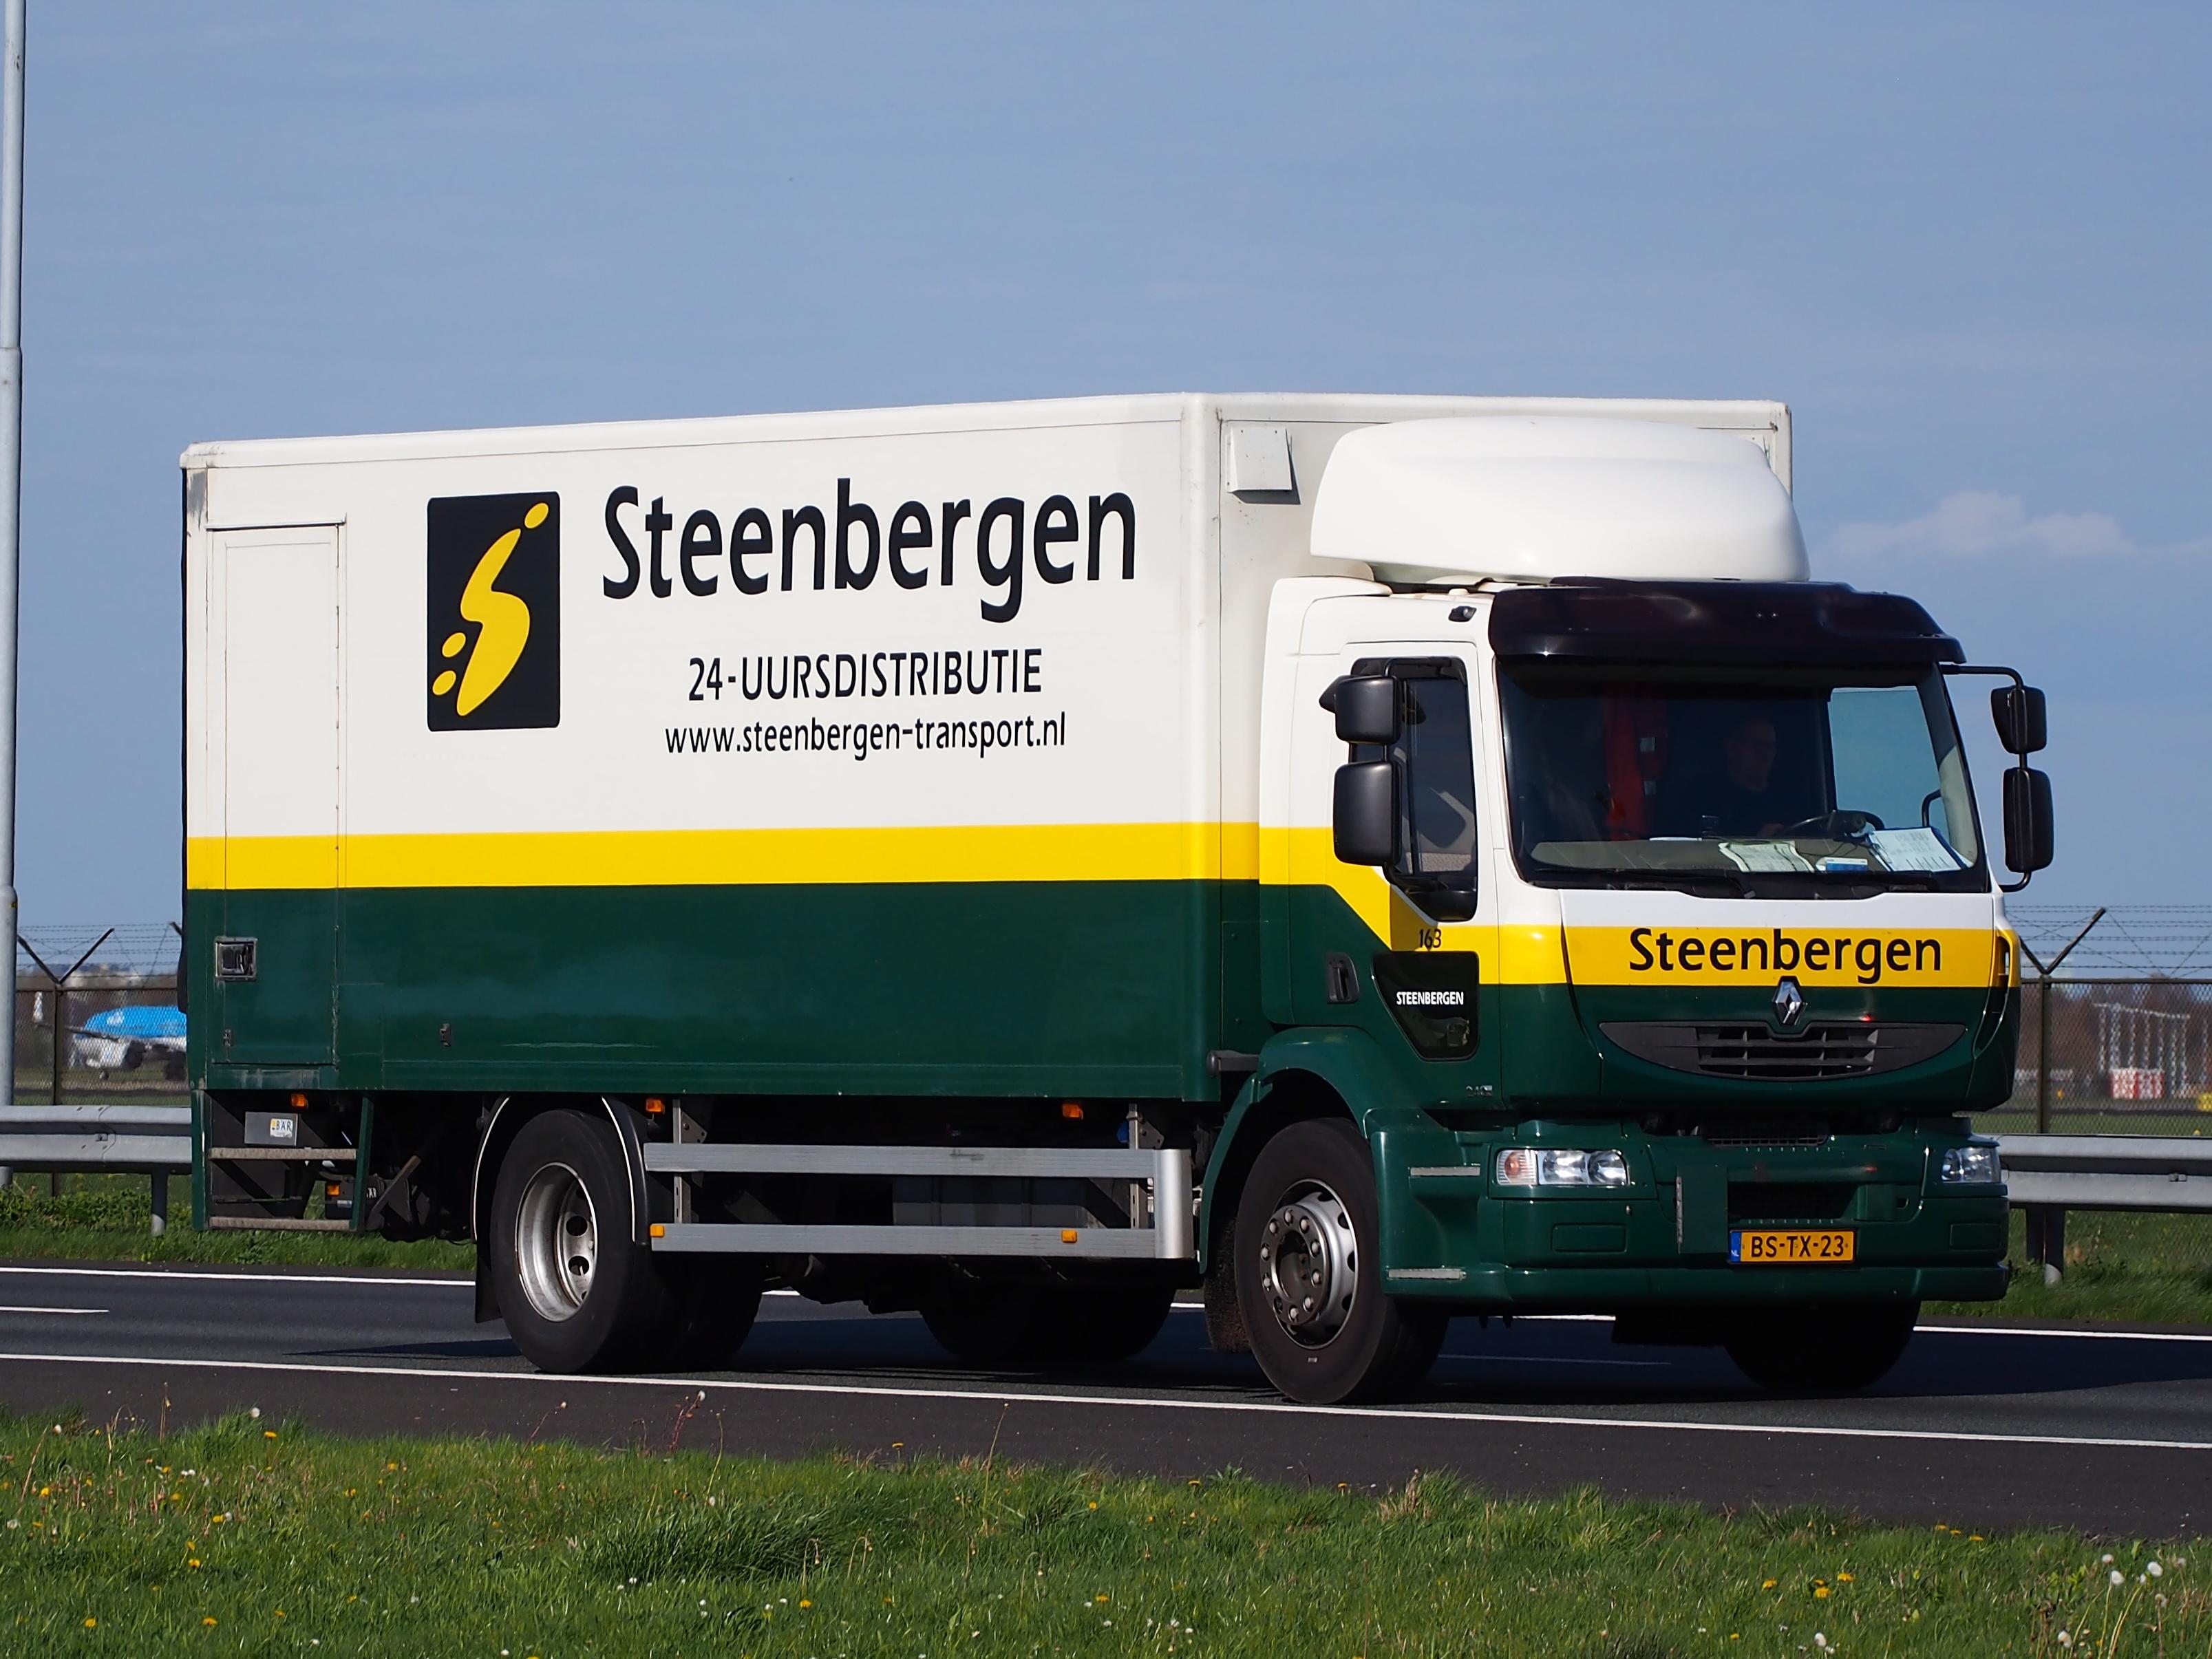 Filerenault truk steenbergen distributieg wikimedia commons filerenault truk steenbergen distributieg altavistaventures Choice Image